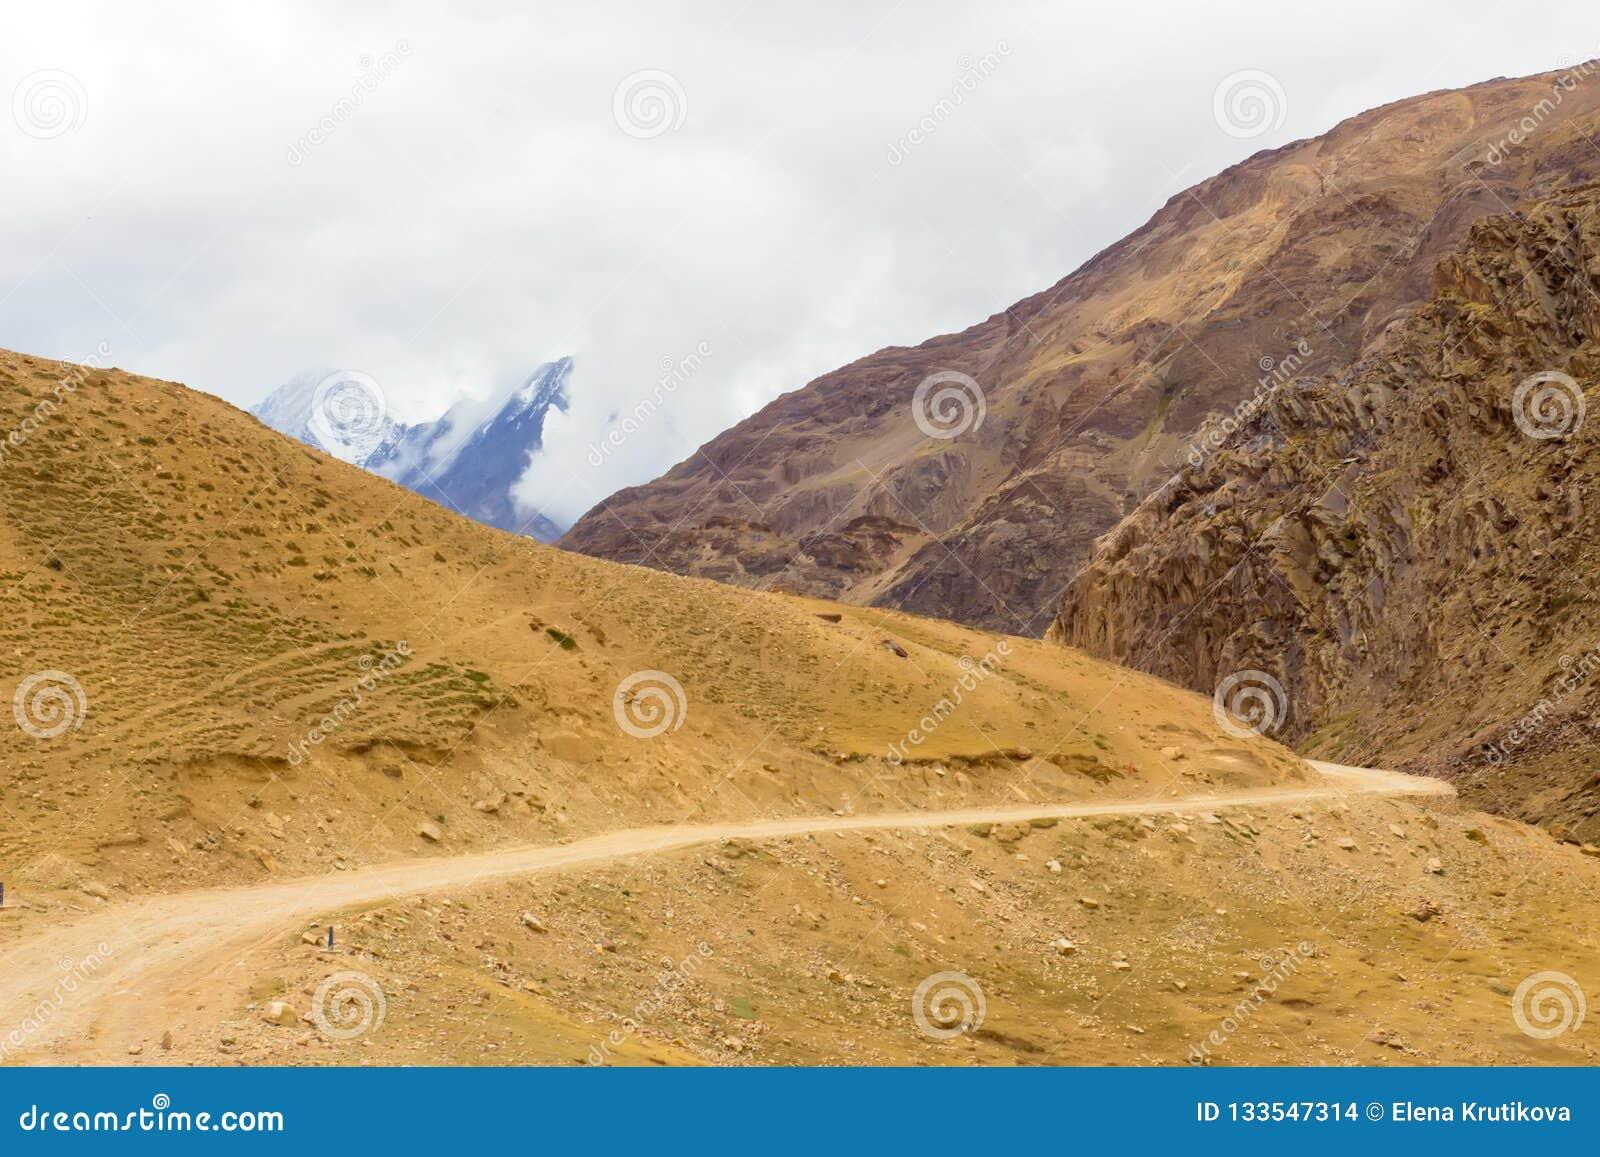 El camino entre las montañas lleva al valle de Spiti